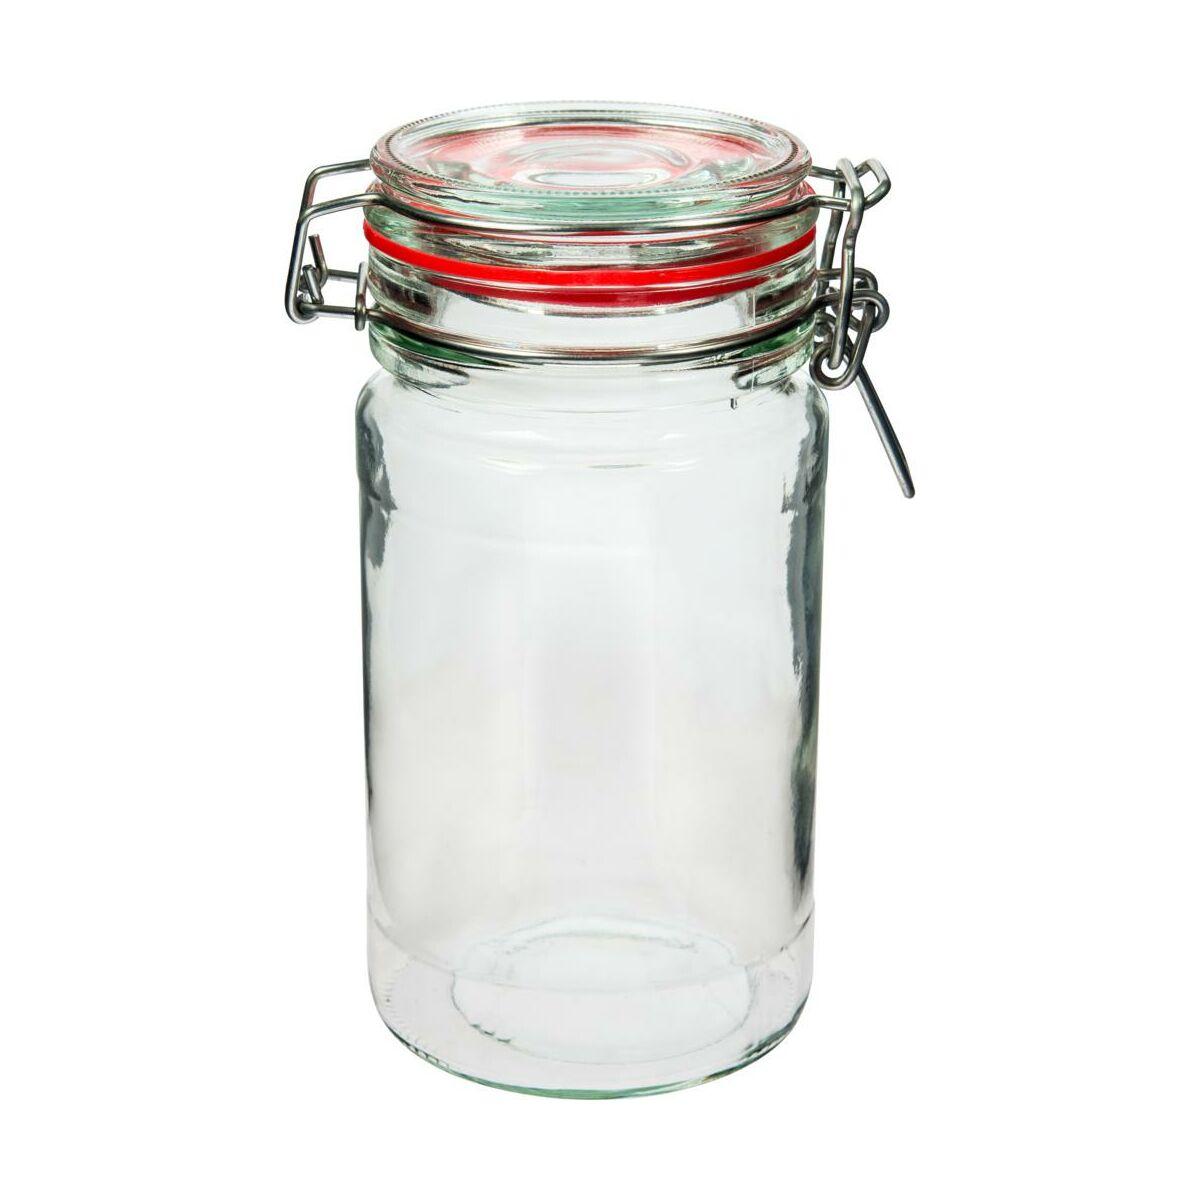 Słój szklany 0,8 l z zamknięciem mechanicznym SLIM BROWIN